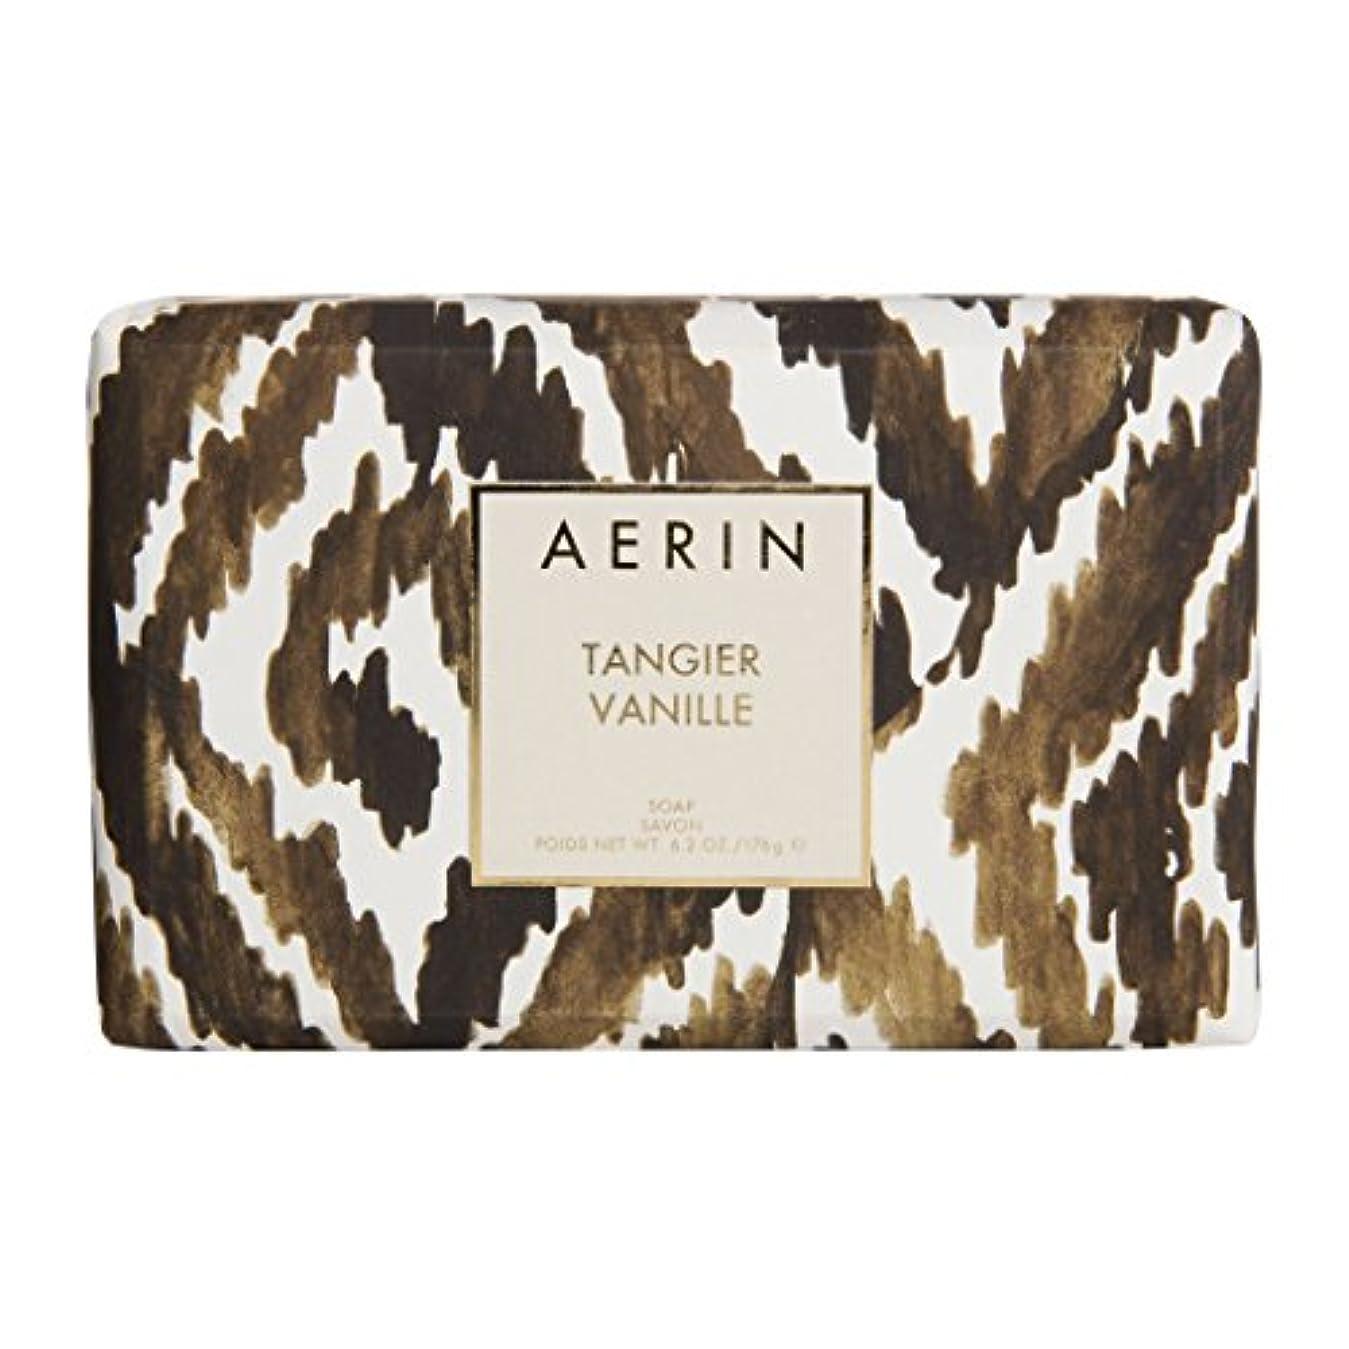 深遠許可束ねるAERIN Tangier Vanille (アエリン タンジヤー バニール) 6.2 oz (186ml) Soap 固形石鹸 by Estee Lauder for Women